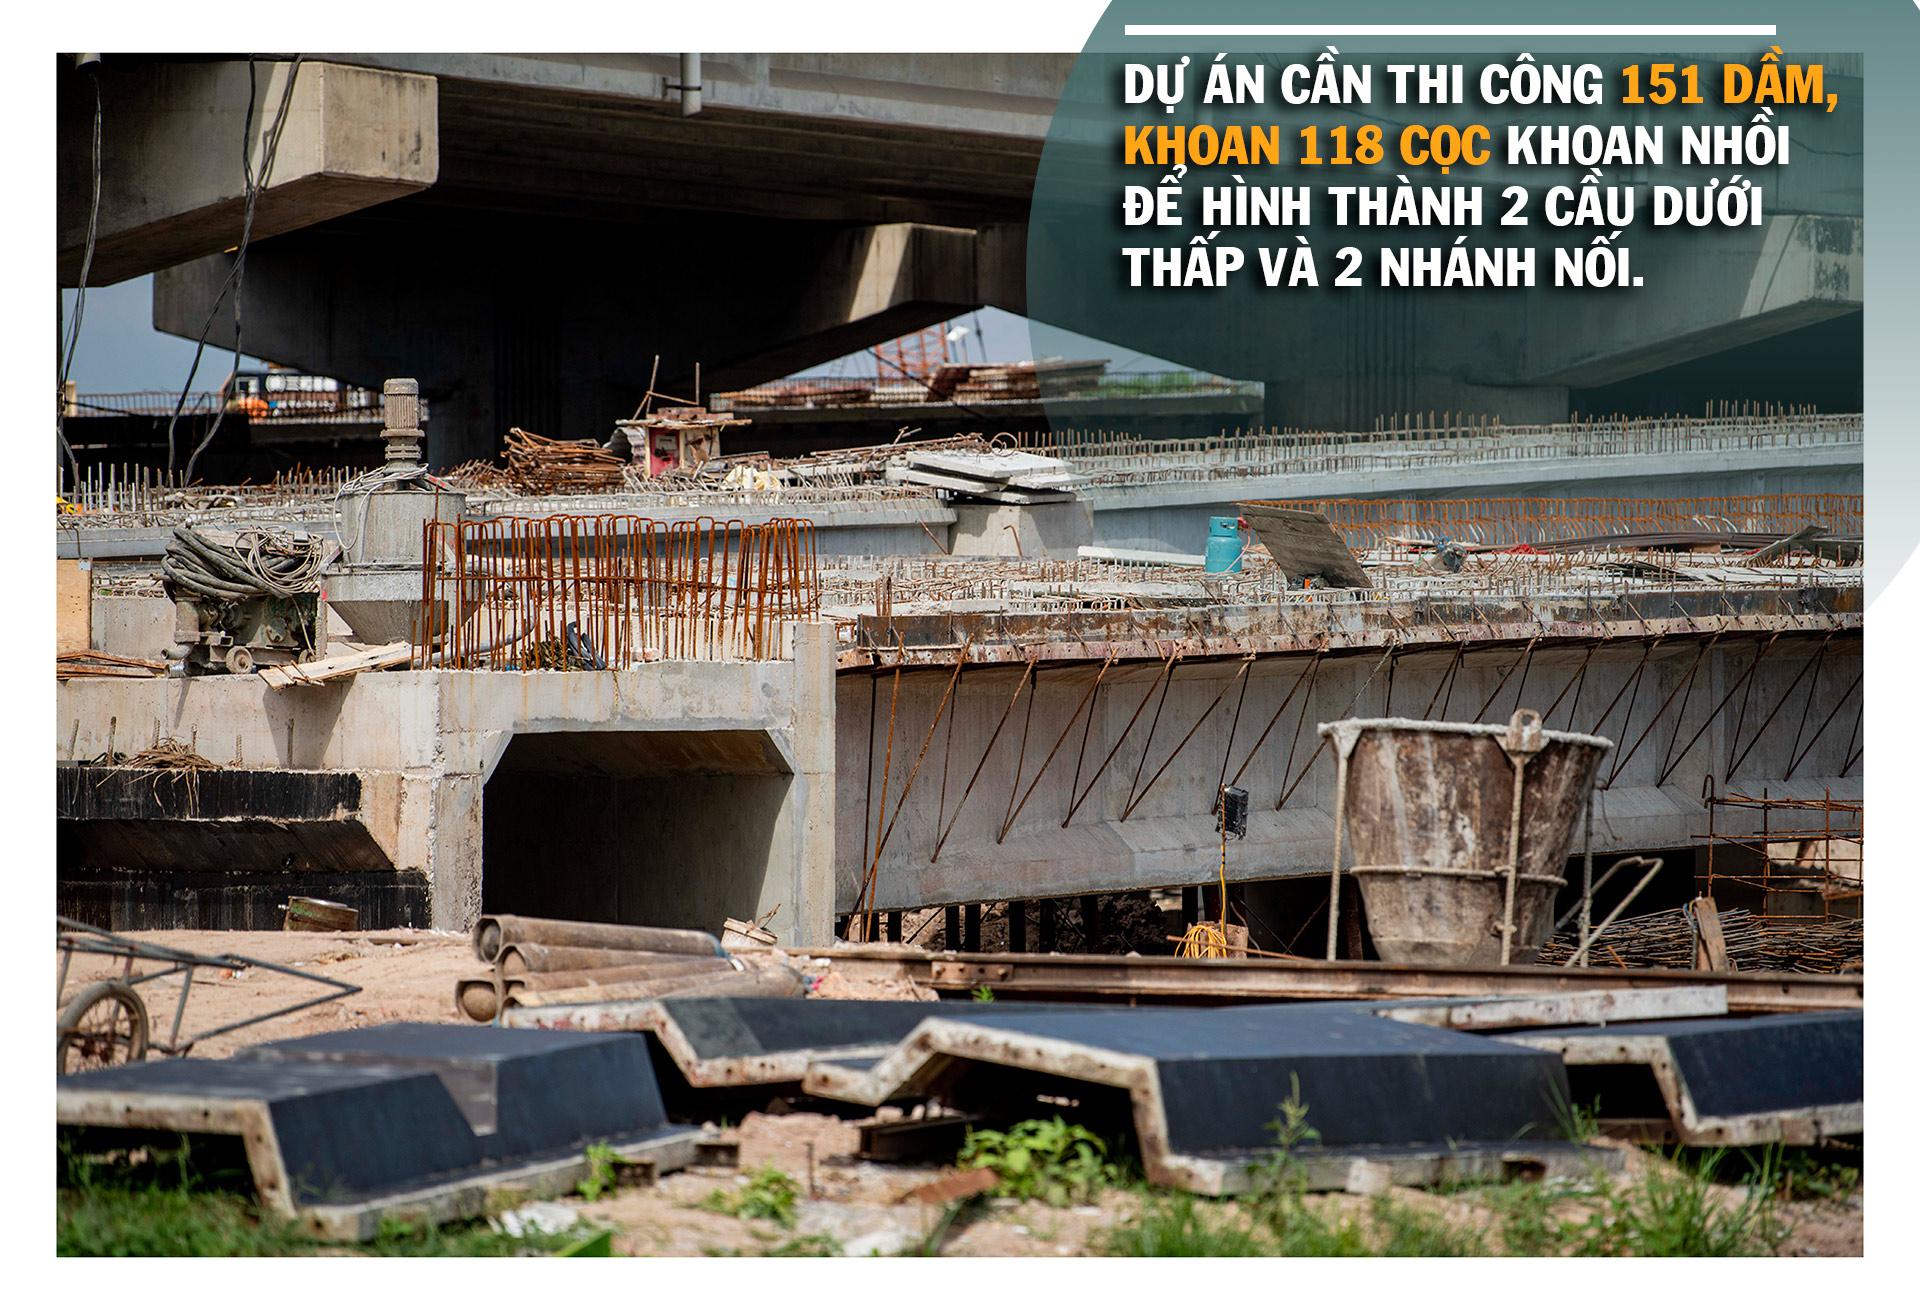 Toàn cảnh cầu hàng trăm tỷ vượt qua hồ nước đẹp bậc nhất Hà Nội - 9